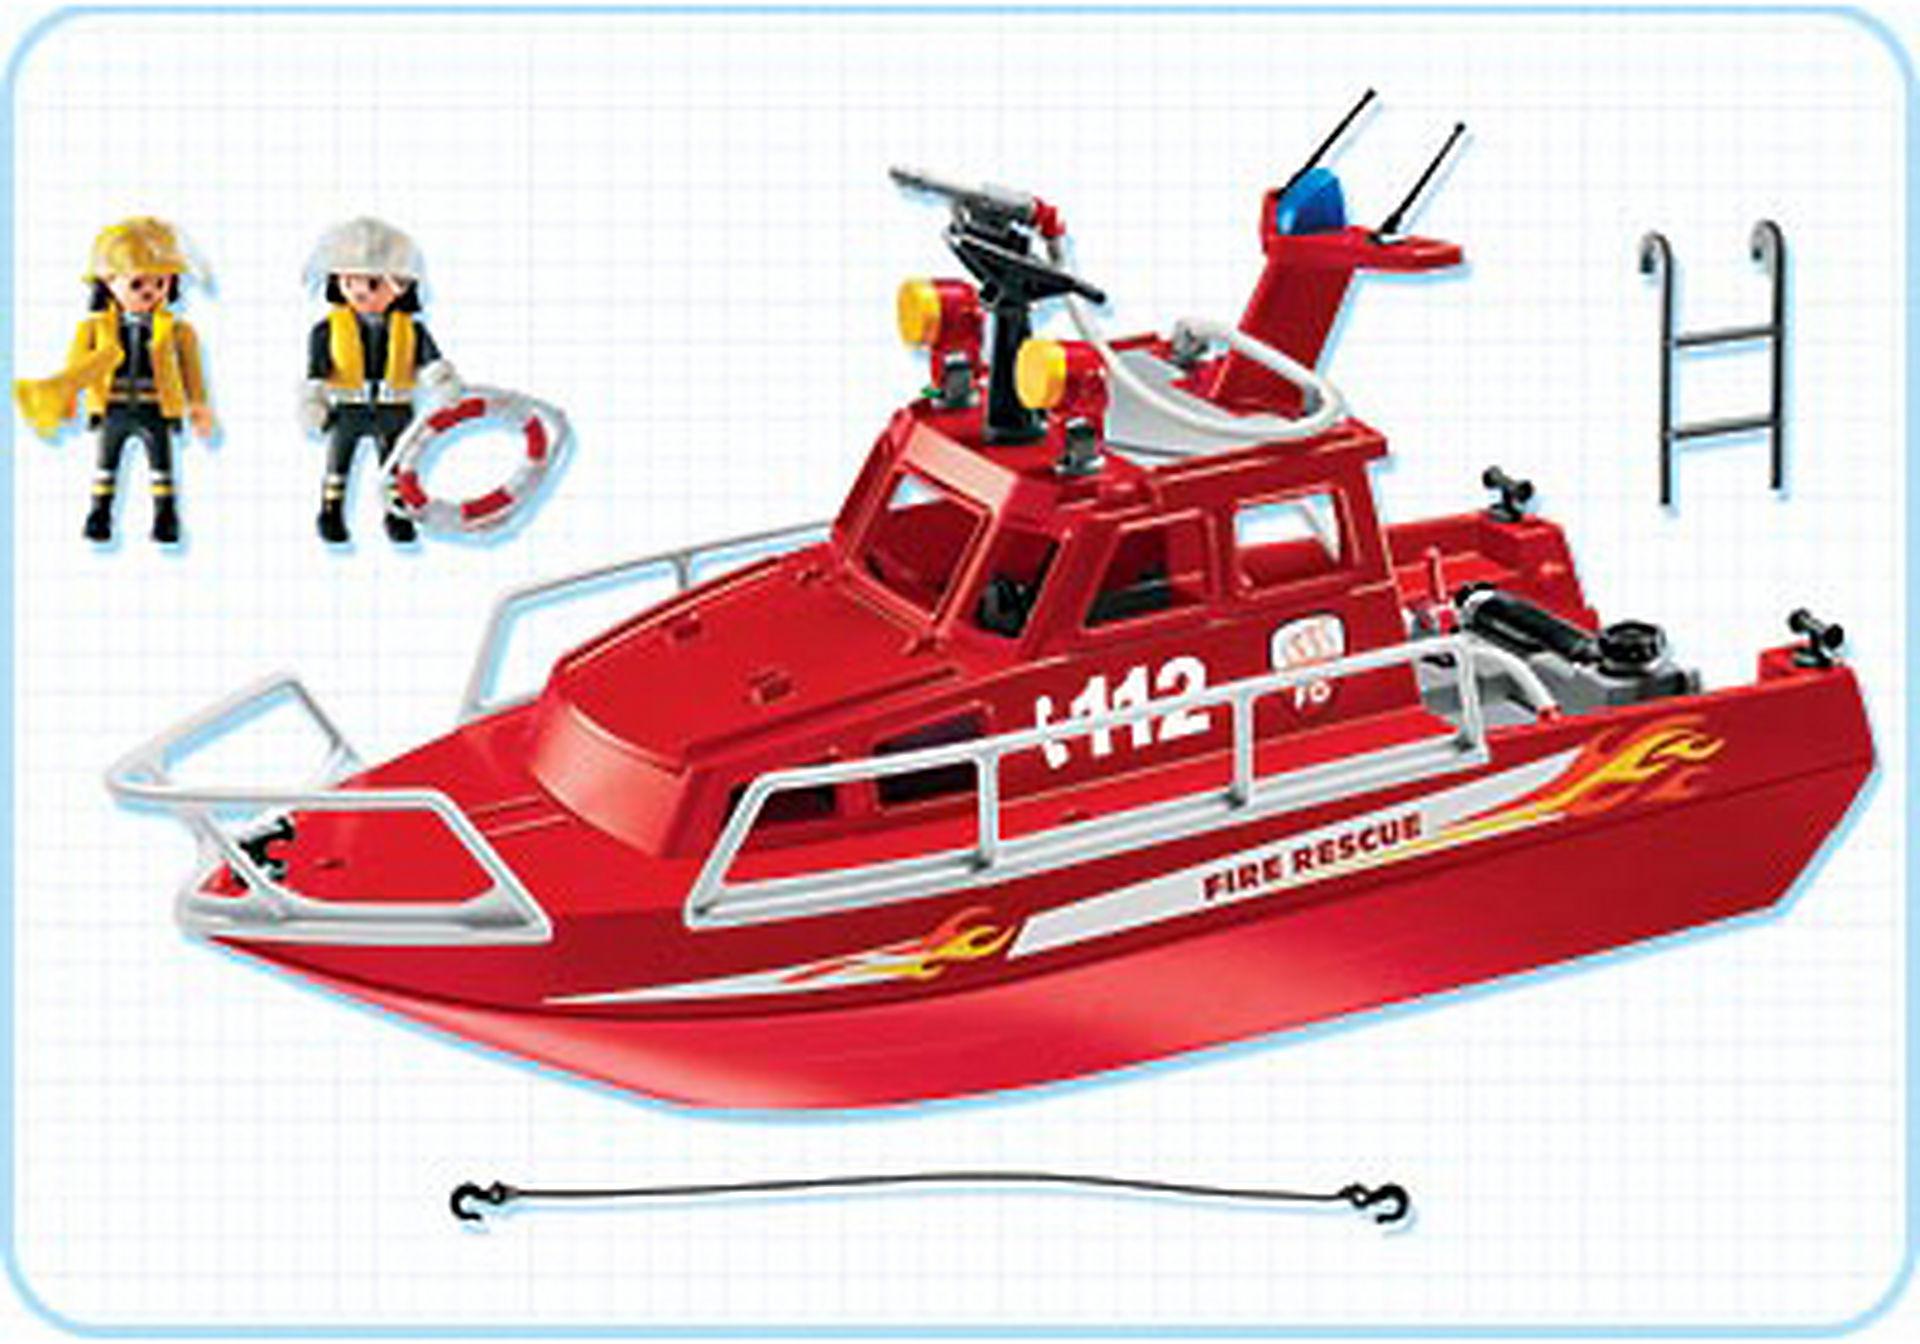 3128-B Feuerlöschboot mit Pumpe zoom image2